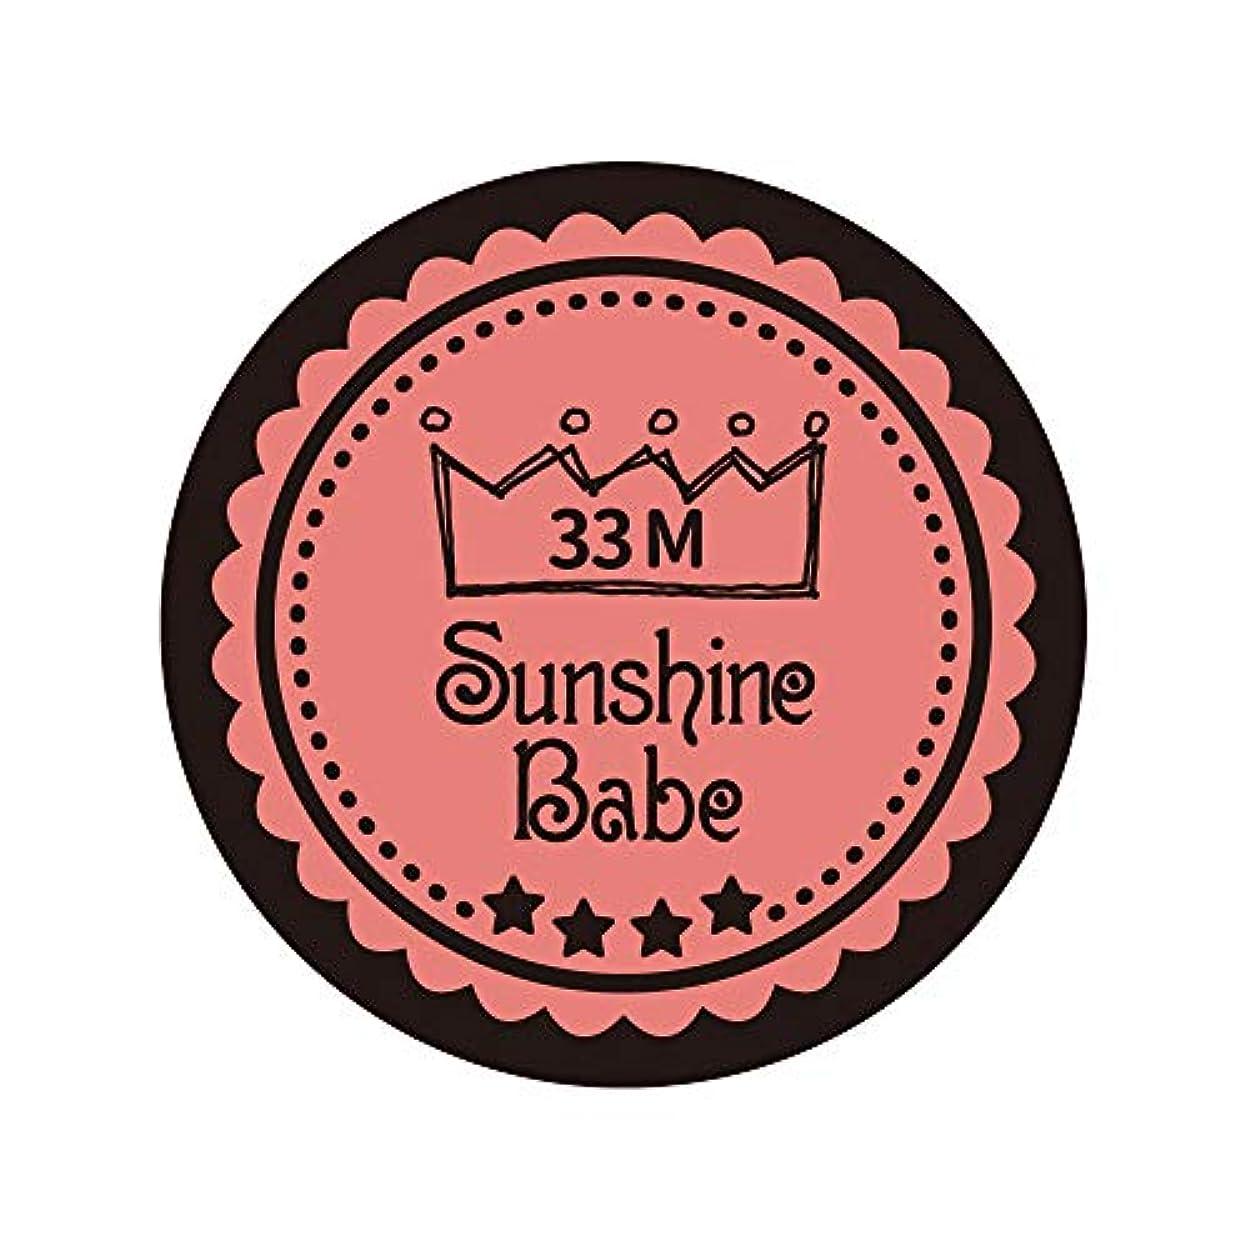 薬局規則性フラフープSunshine Babe カラージェル 33M ベイクドコーラルピンク 4g UV/LED対応